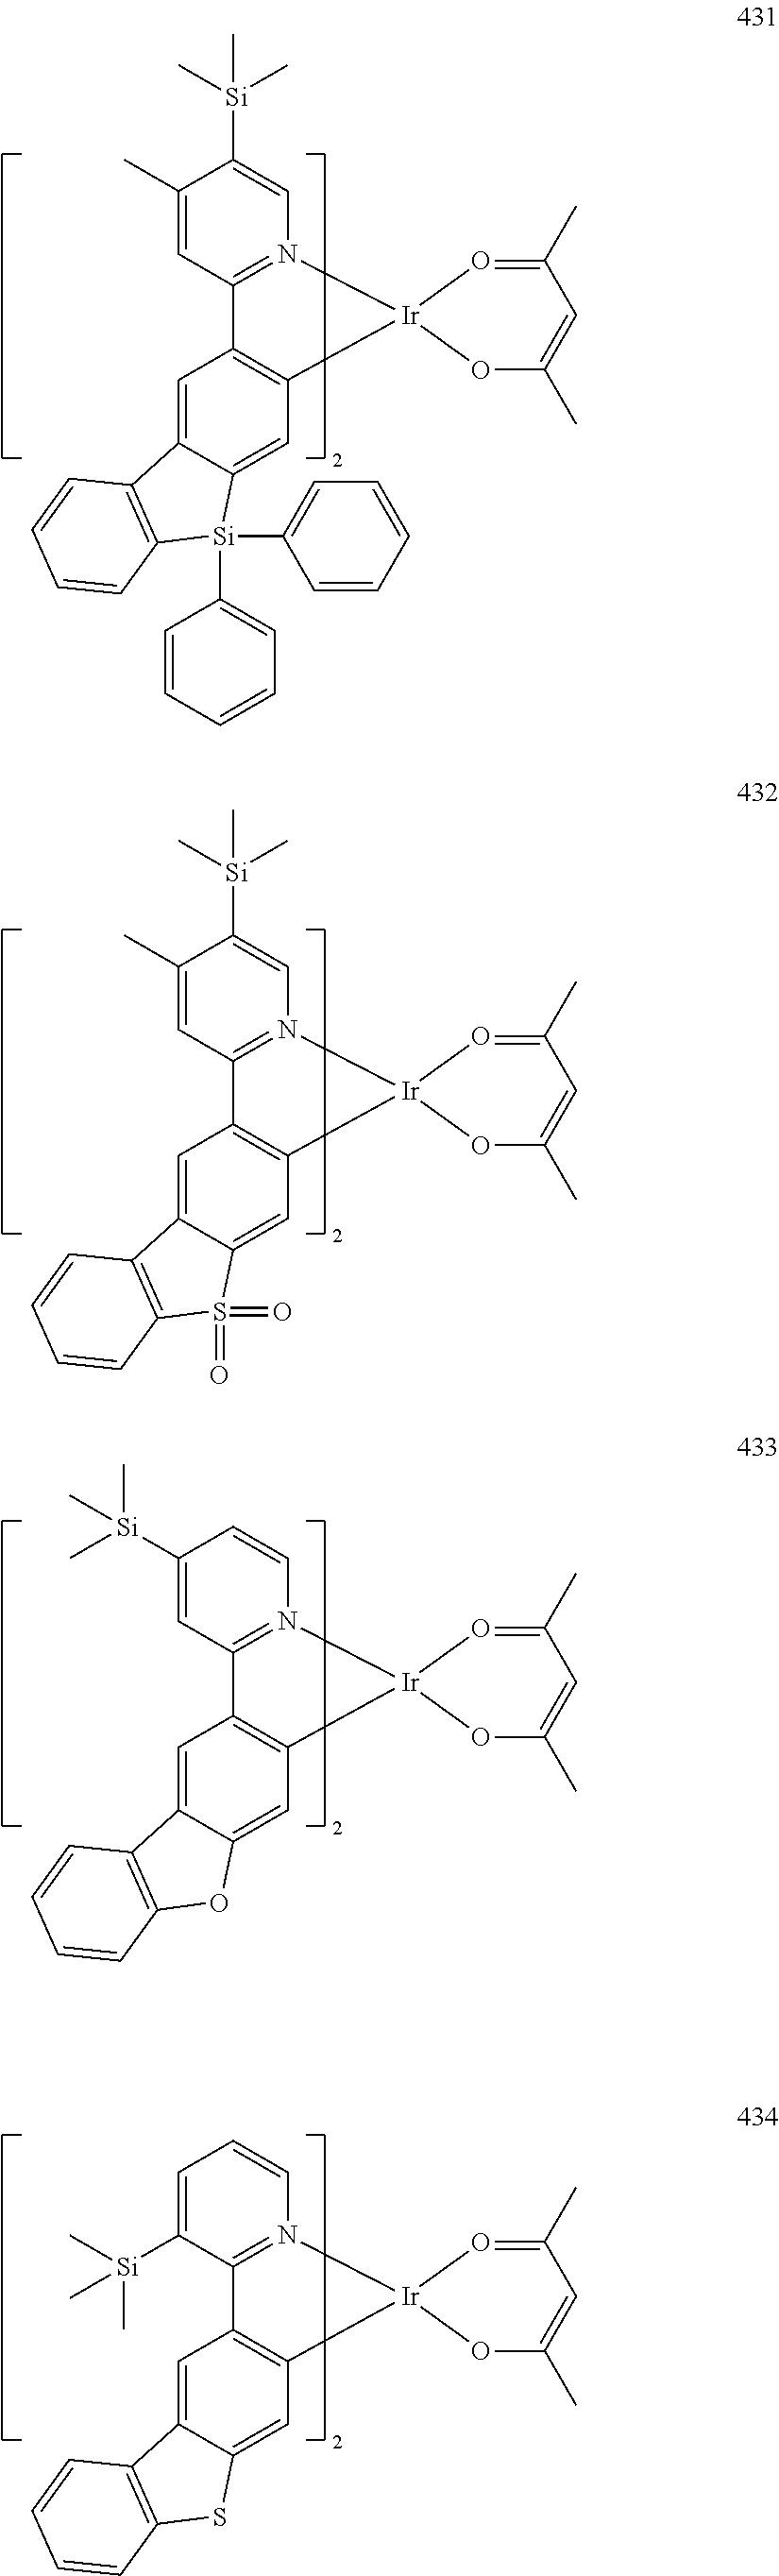 Figure US20160155962A1-20160602-C00447